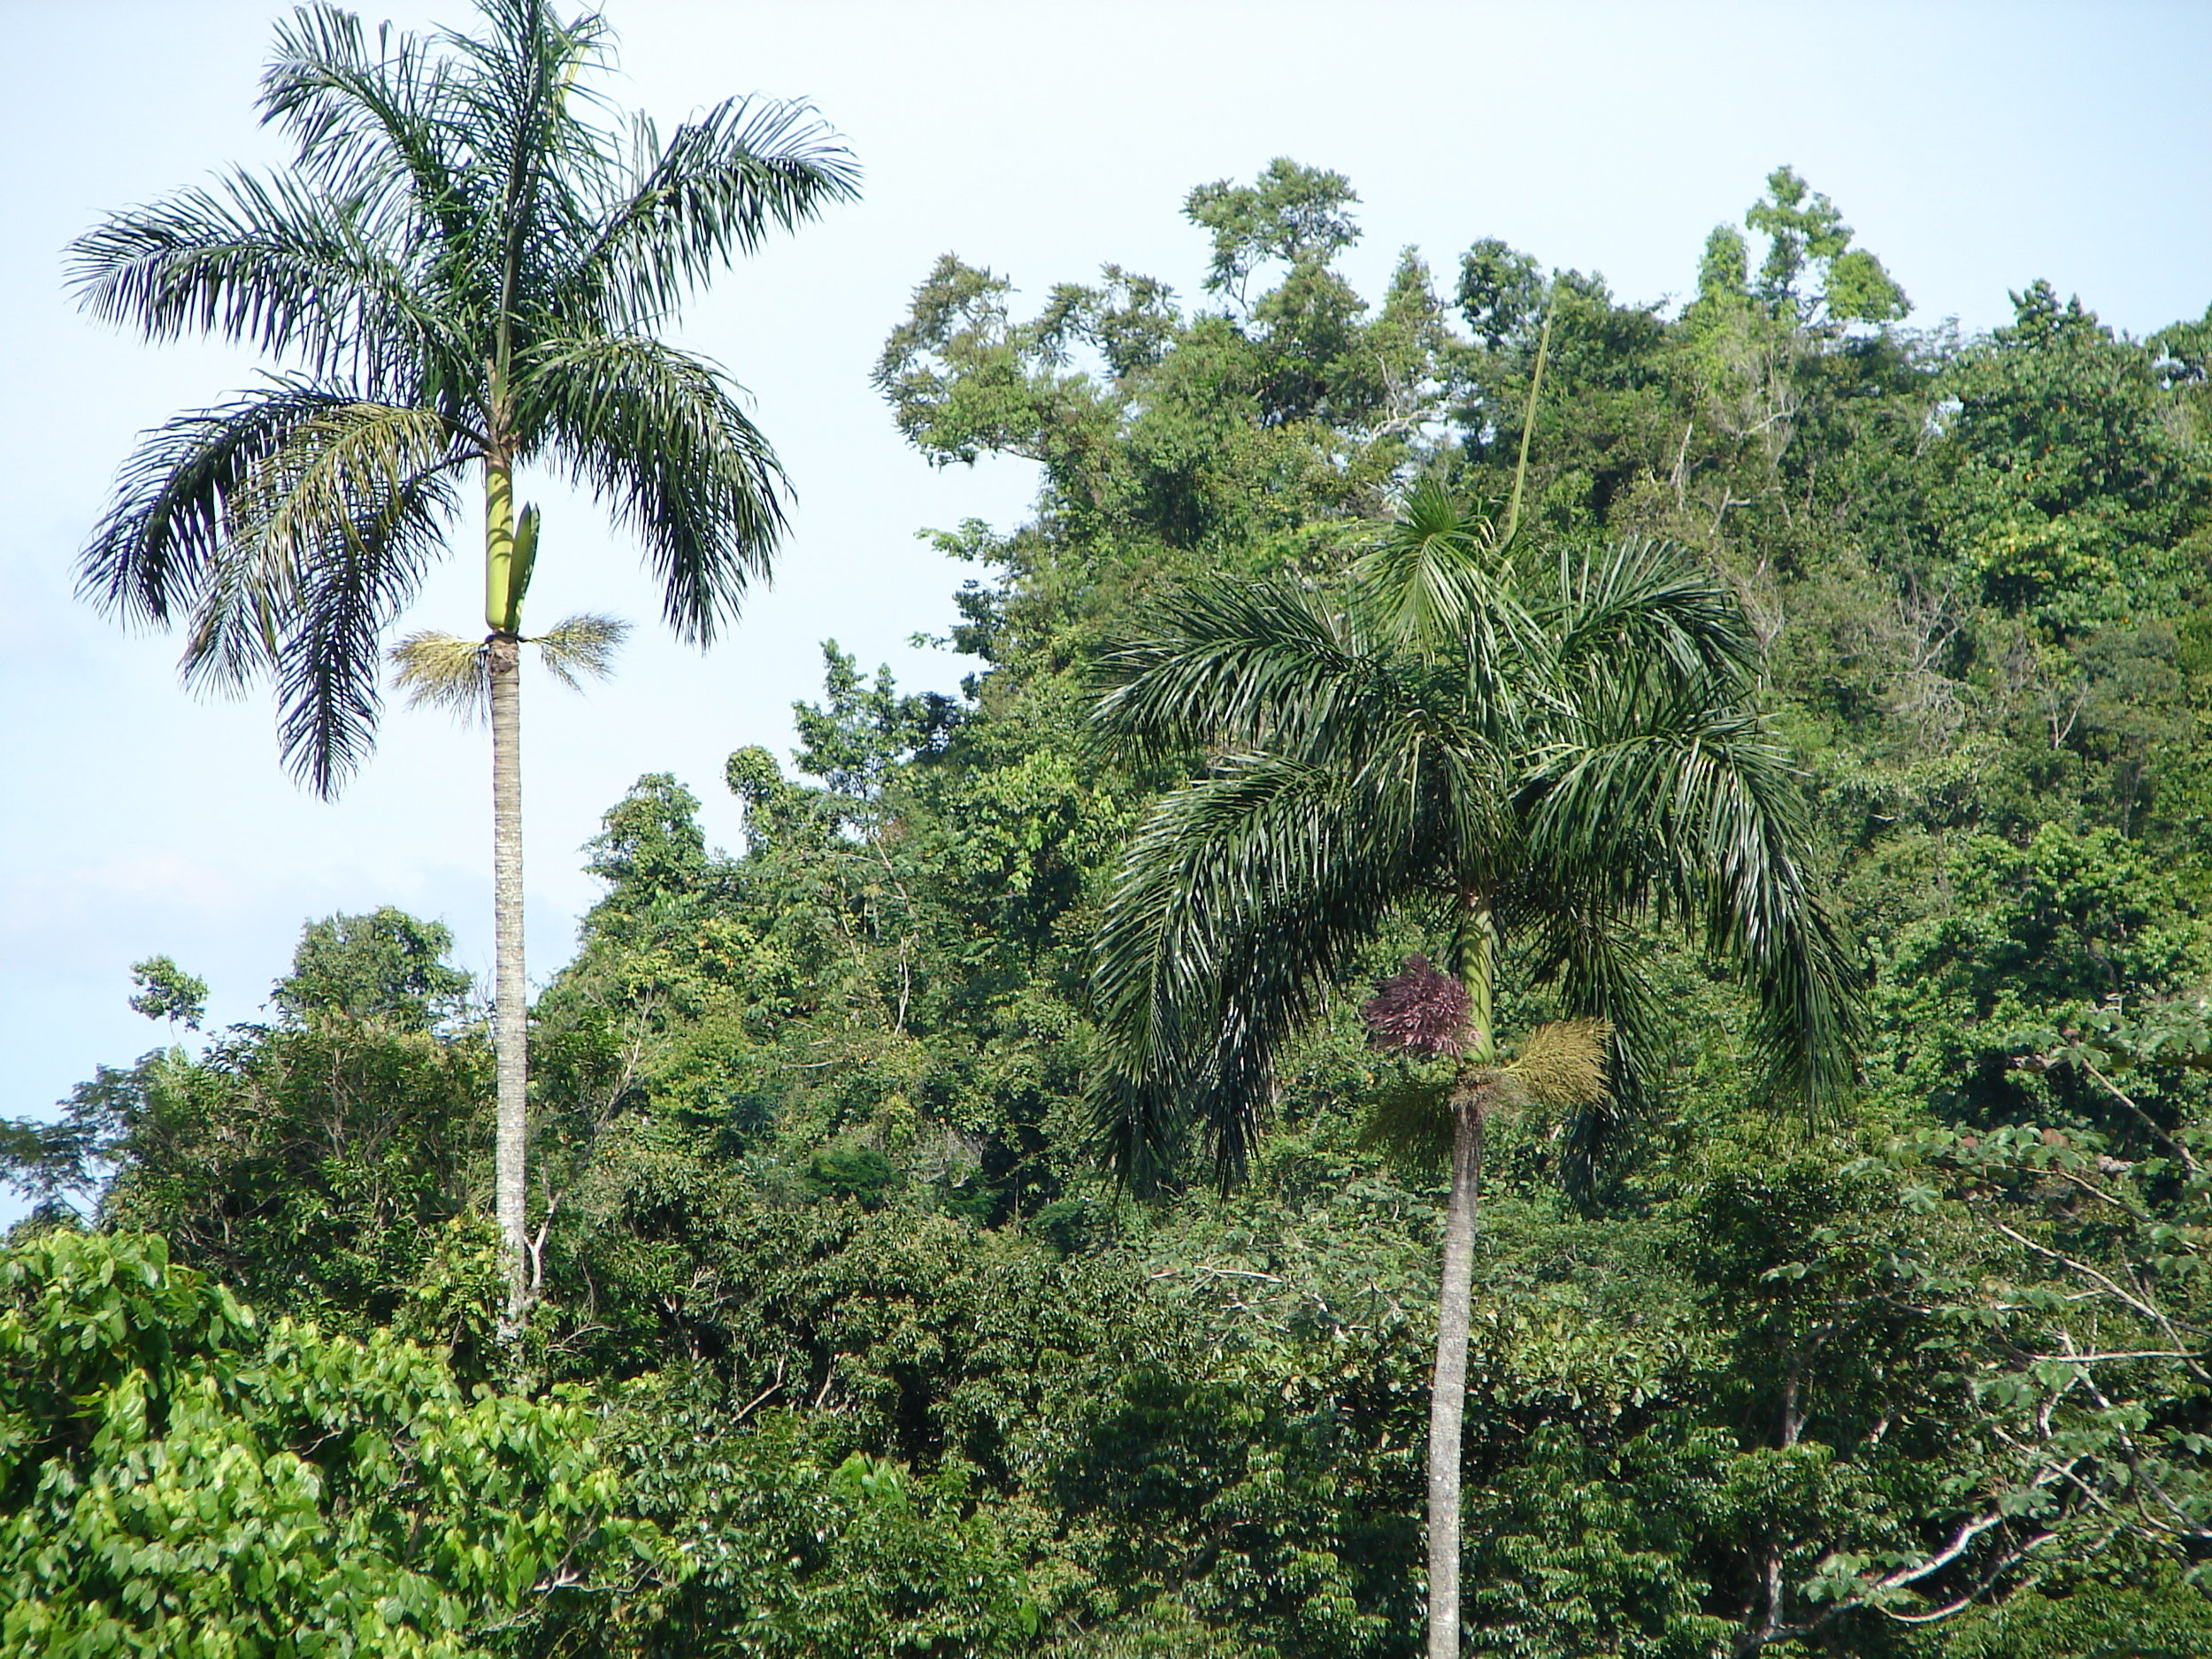 Endemic royal palms AT MARSHALL'S PEN